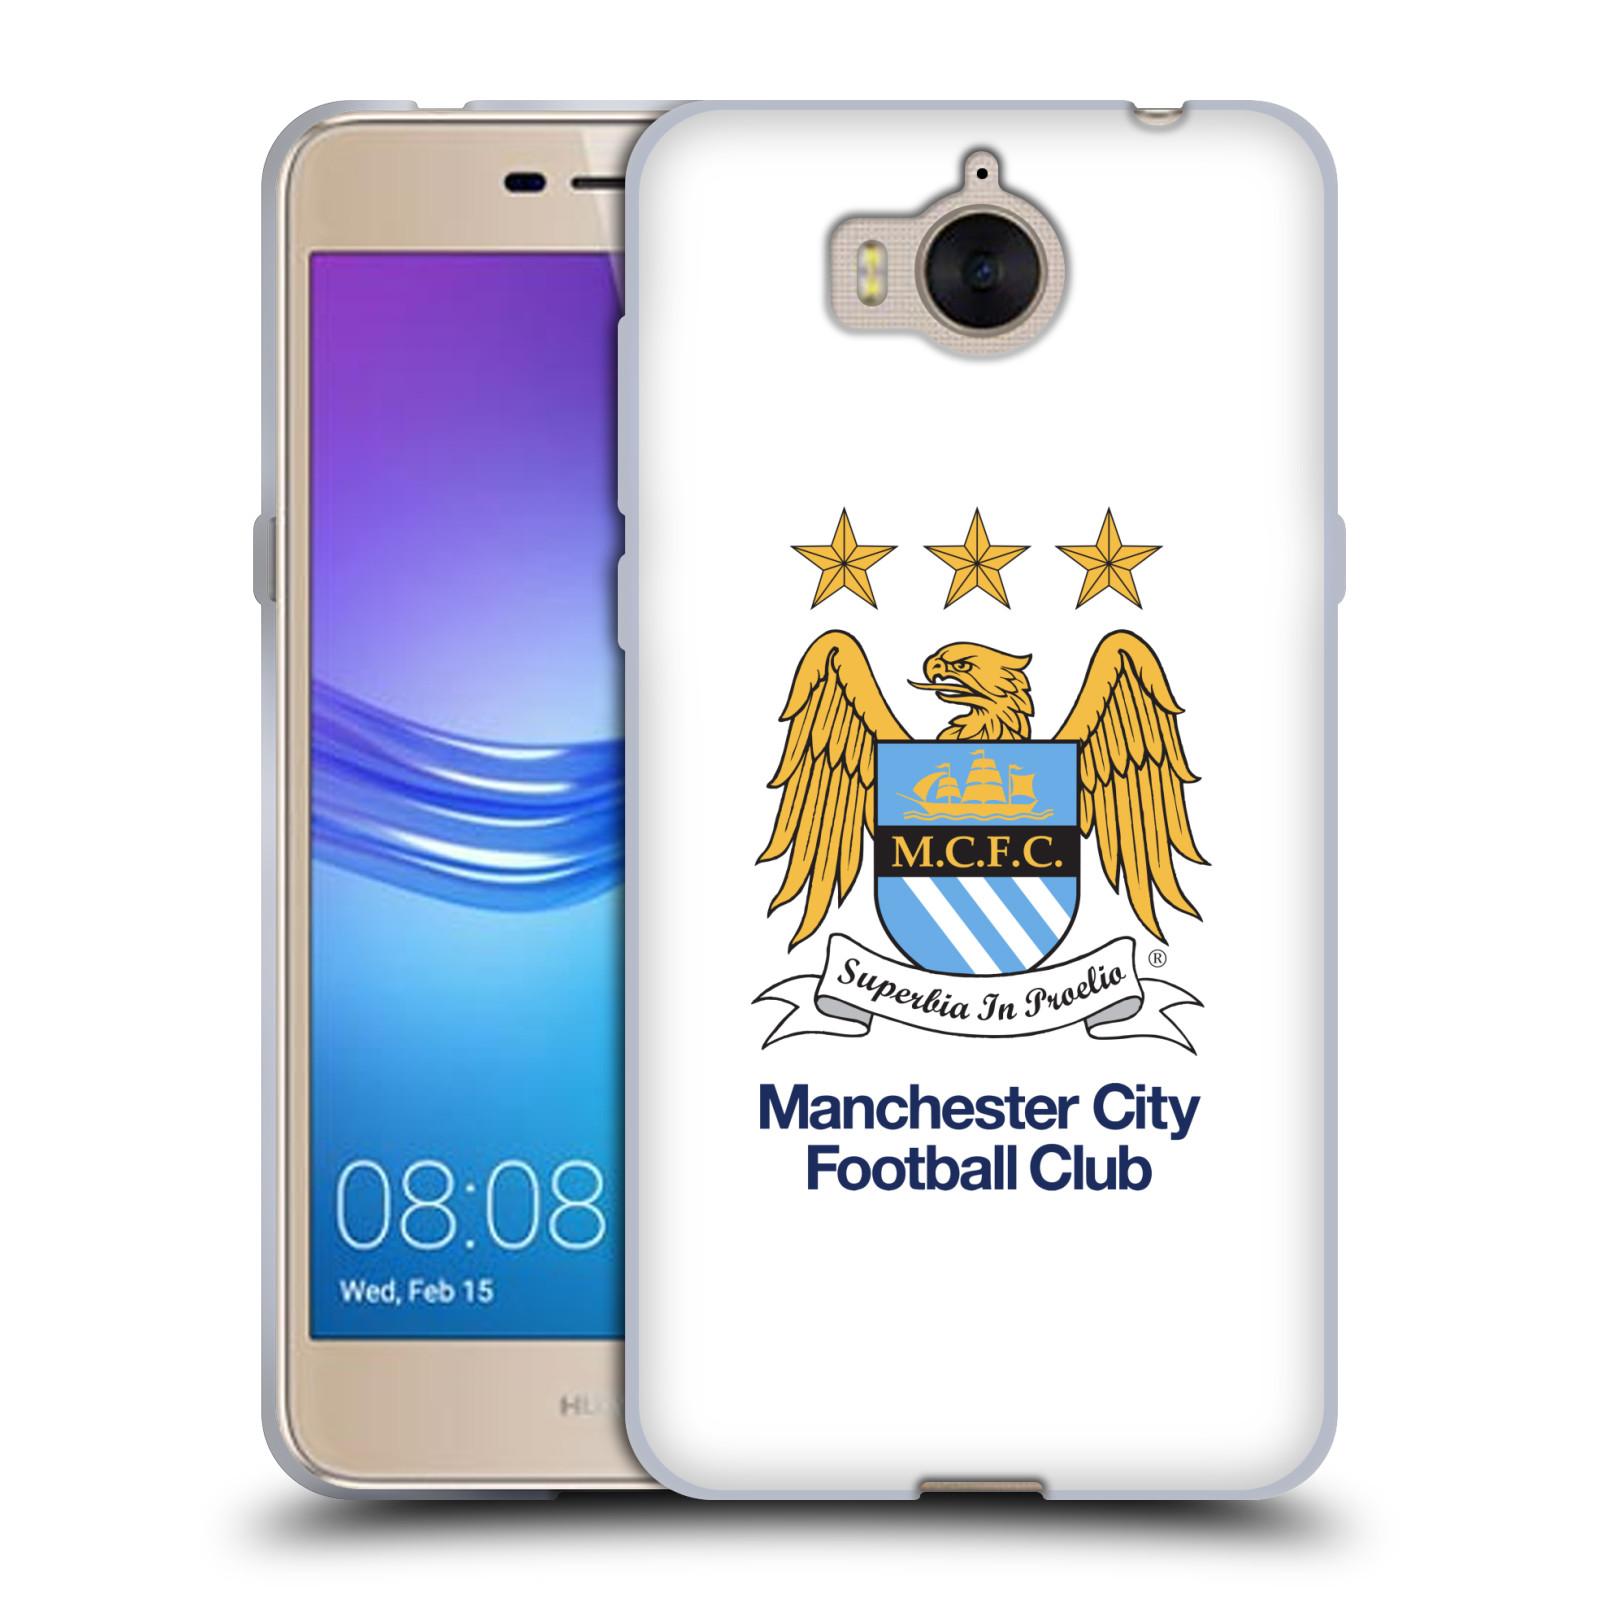 HEAD CASE silikonový obal na mobil Huawei Y5 2017 Fotbalový klub Manchester City bílé pozadí velký znak pták